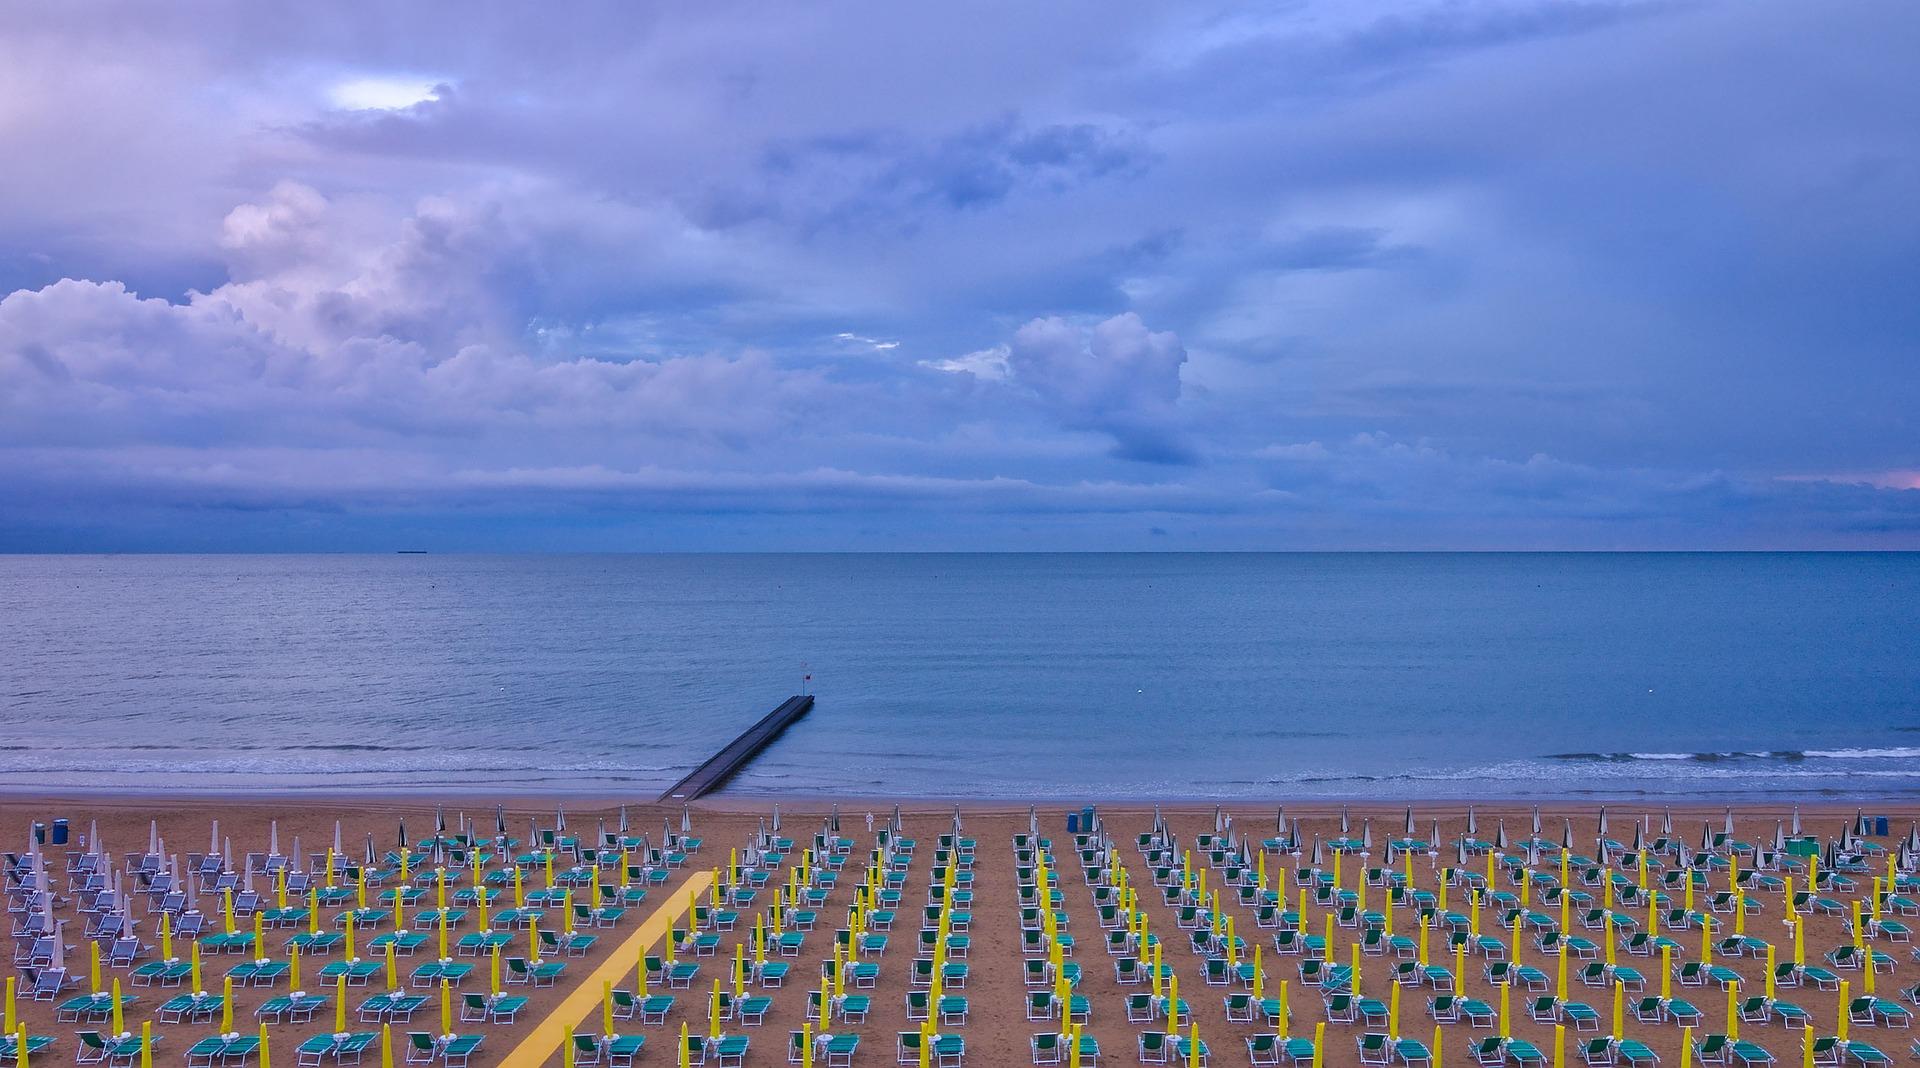 spiagge del veneto-ability channel-jesolo-inclusione lavorativa veneto-turismo sociale e inclusivo-progetto regione veneto-estate 2019 regione veneto